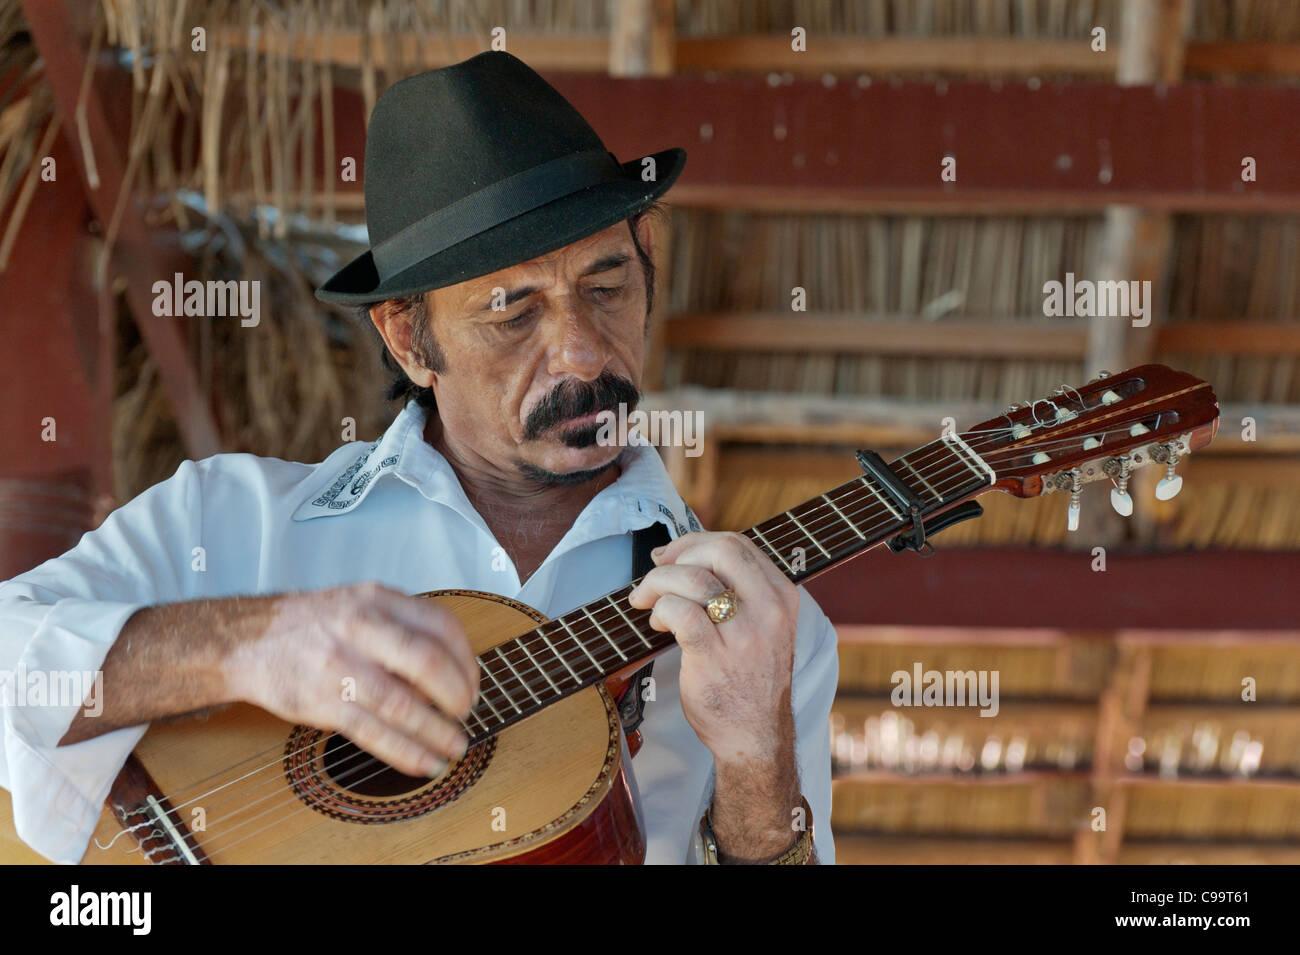 Portrait of a guitar player Santiago Cuba - Stock Image